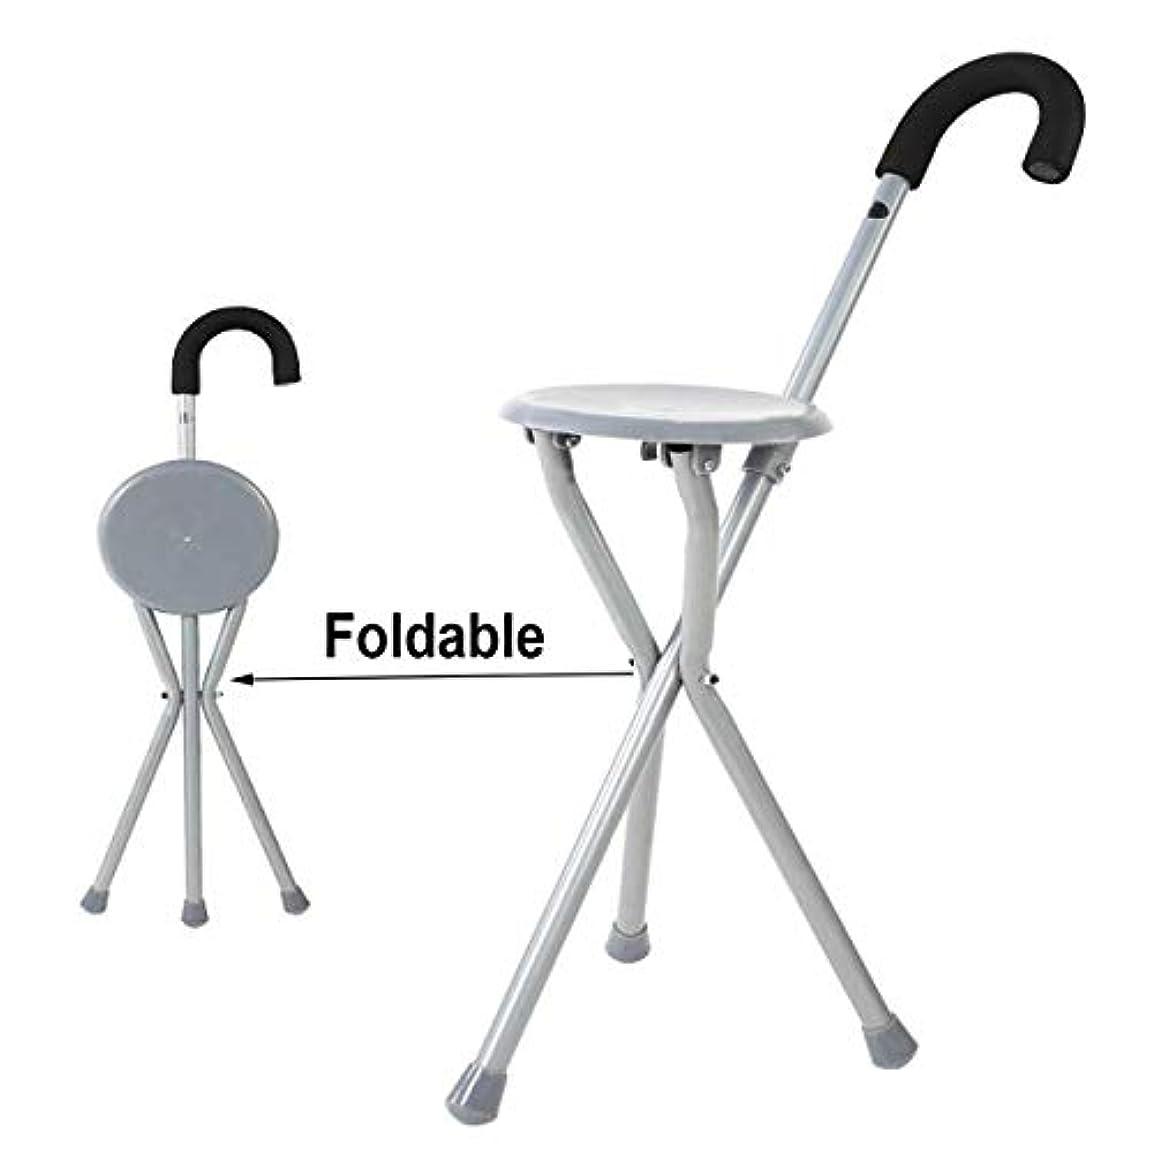 知恵辛なアーティファクトポータブル三脚杖ウォーキングスティックシート、シンプルなグレー折りたたみアームチェア、屋外ハイキングクライミング松葉杖キャンプスツール用高齢者